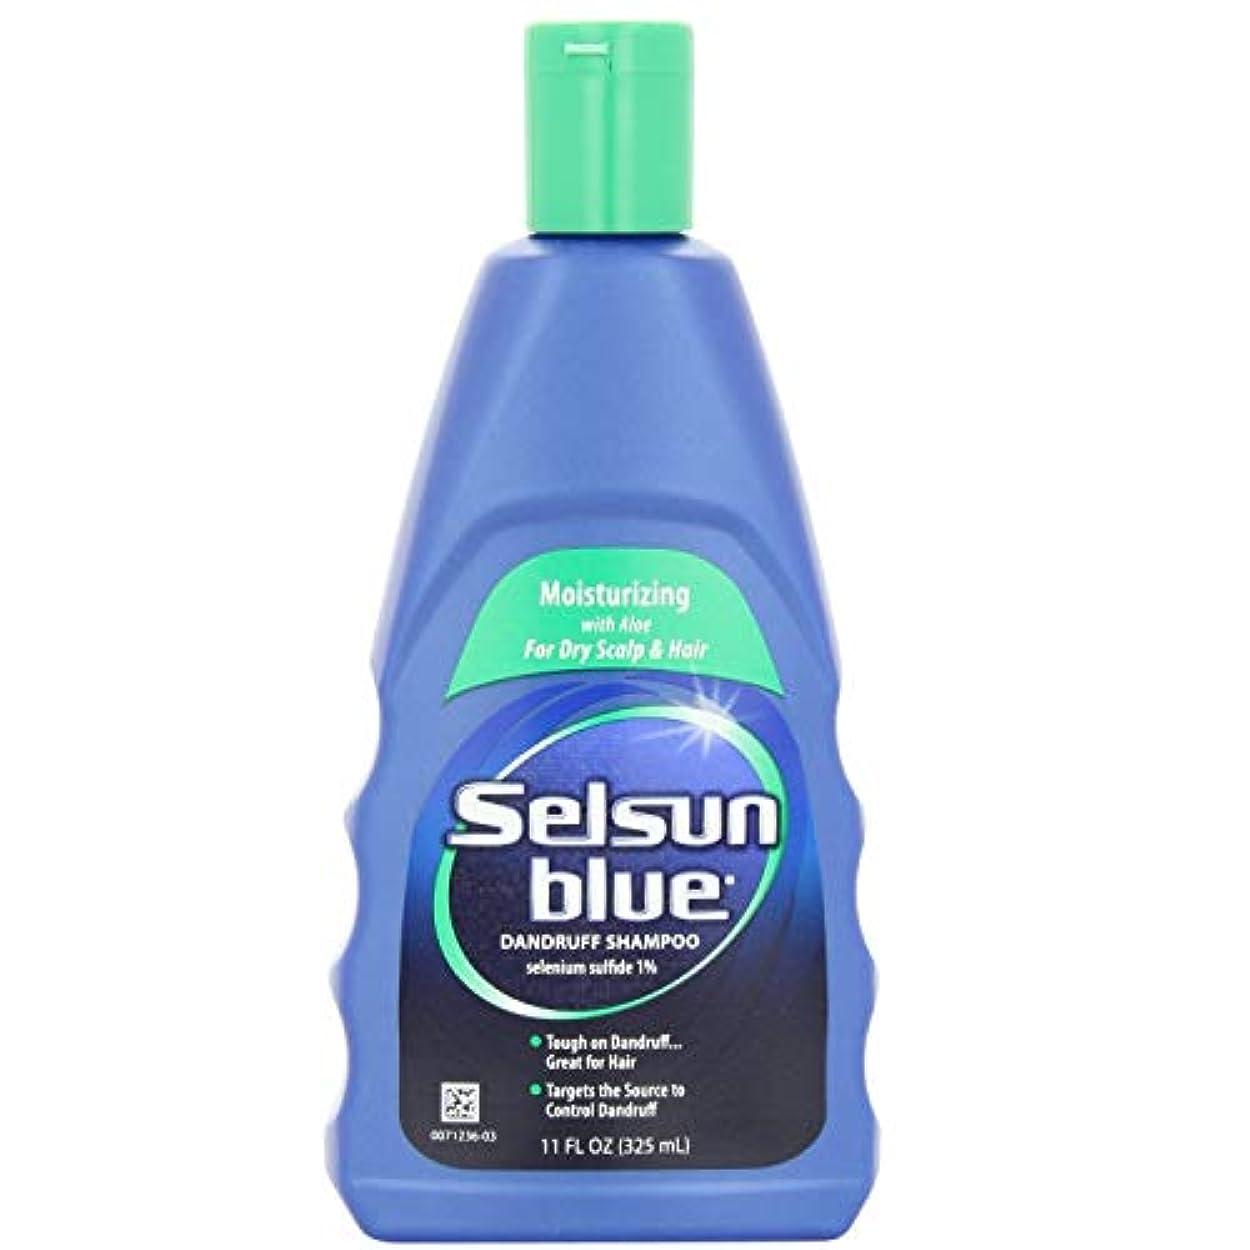 デンマークポルティコ良さSelsun Blue Dandruff Shampoo, Moisturizing with Aloe for Dry Scalp and Hair, 11 Ounce by Selsun Blue [並行輸入品]